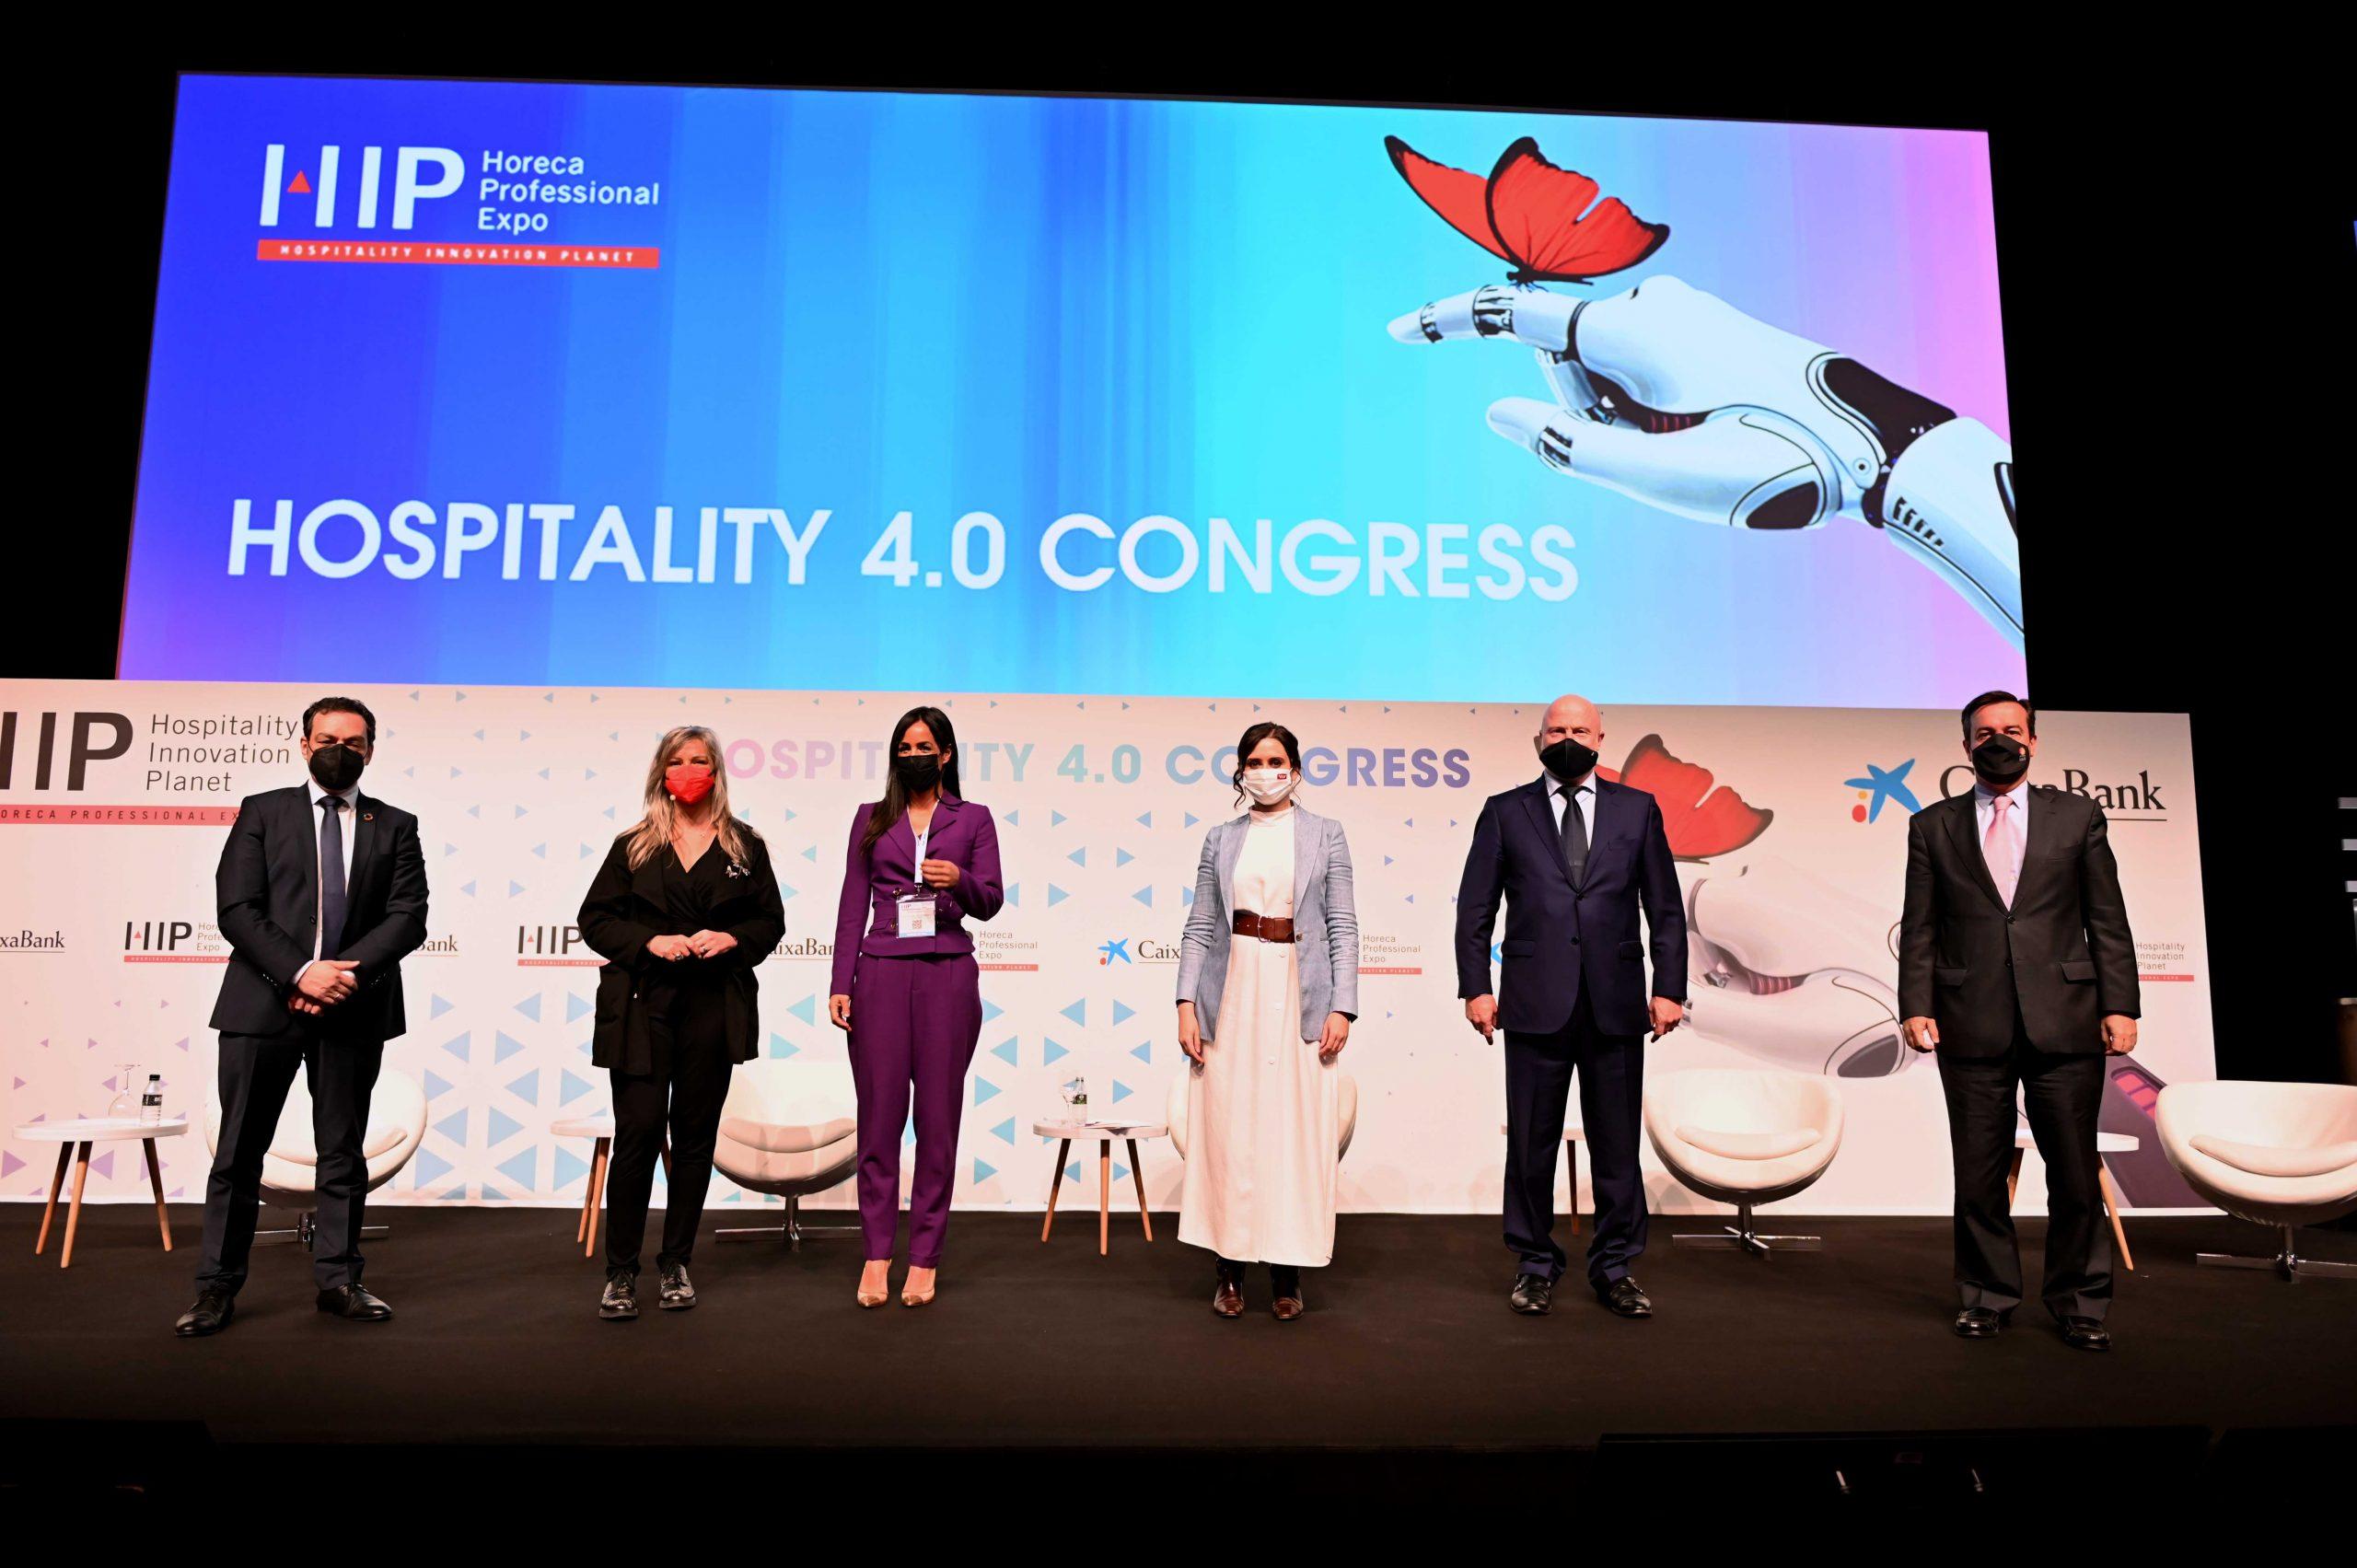 Isabel Díaz Ayuso inaugura HIP – Horeca Professional Expo 2021 defendiendo que la hostelería es segura